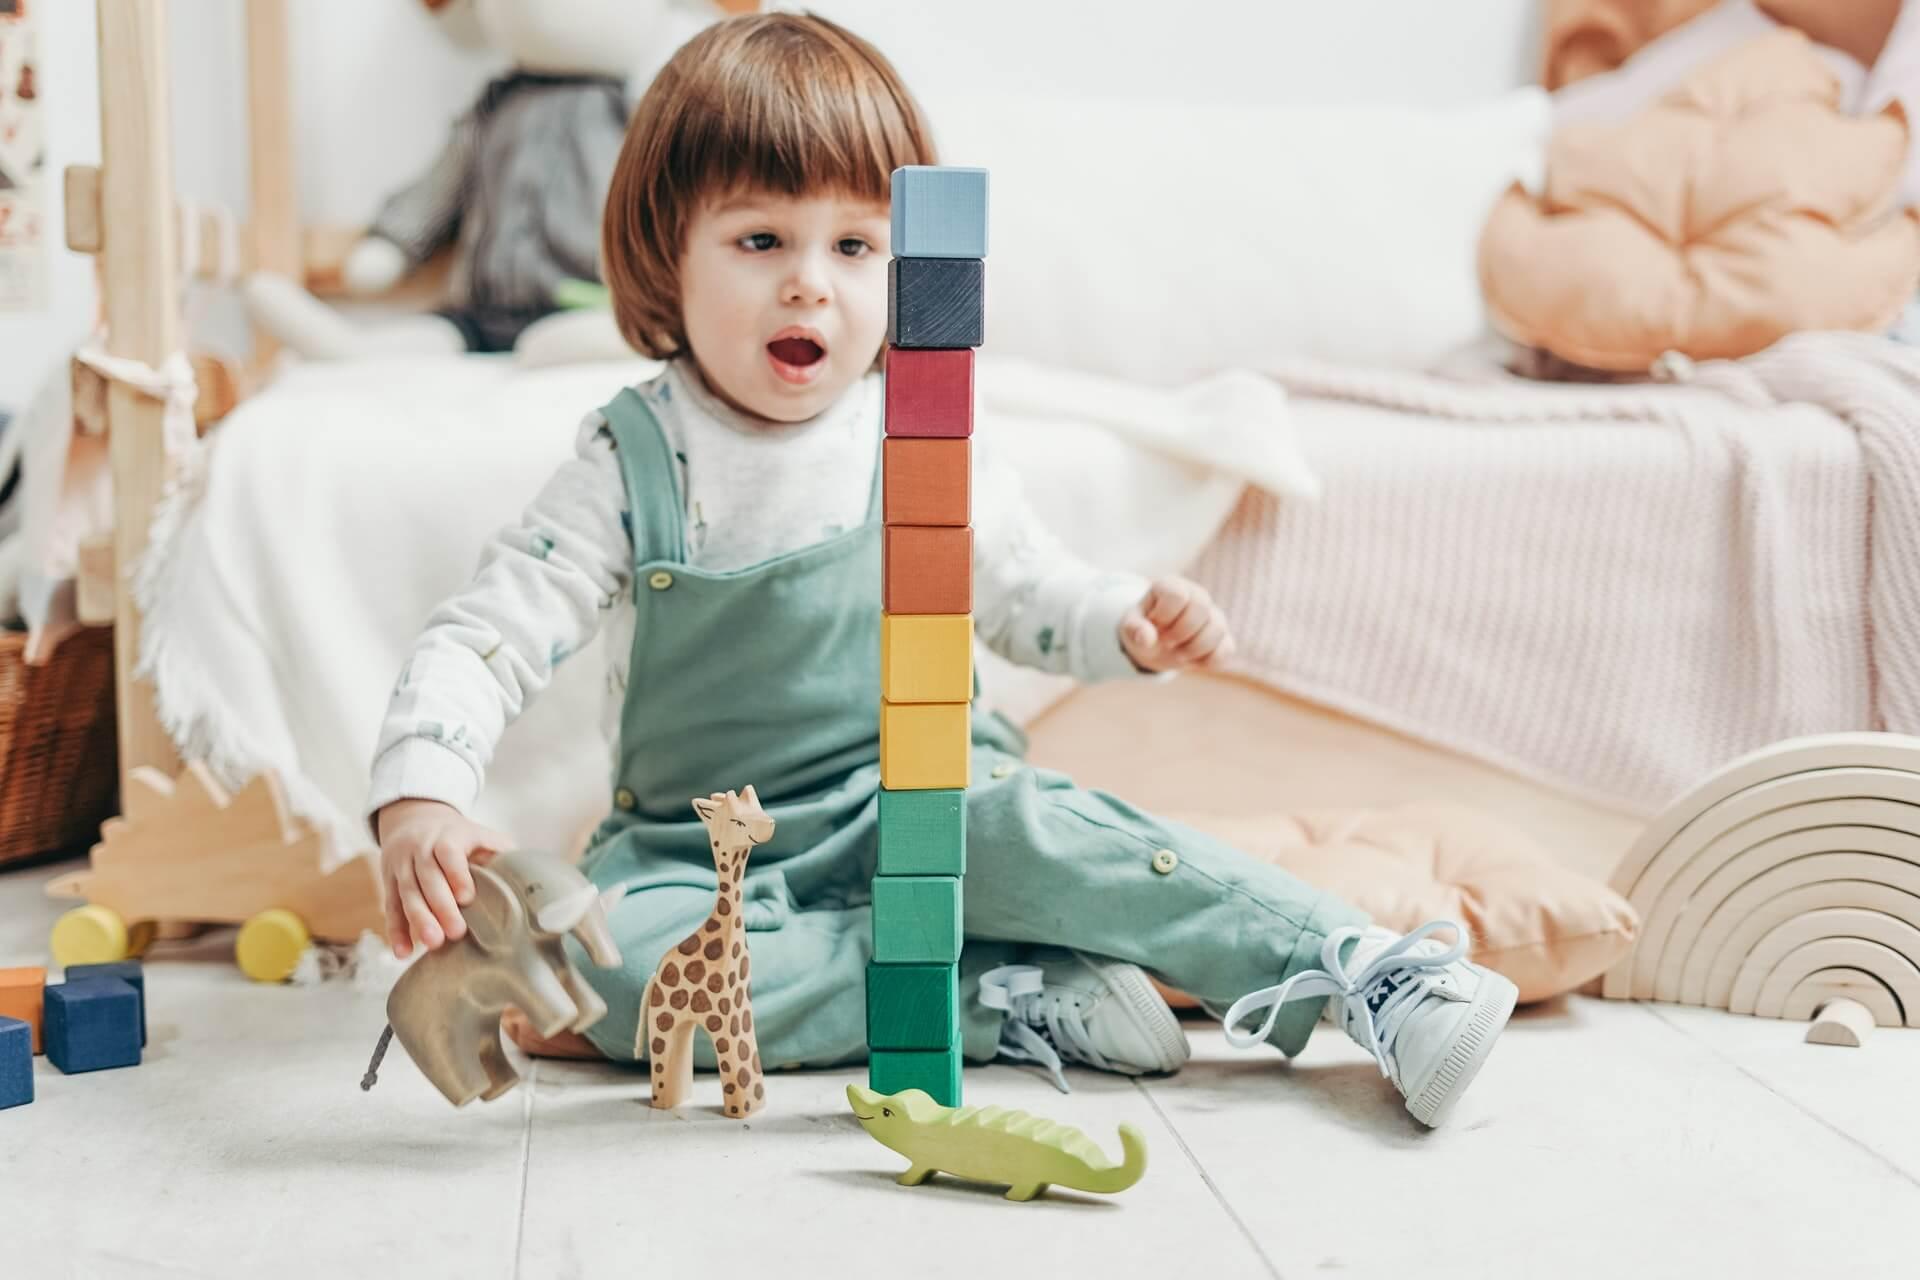 Poradňa: Hračky pre deti od 3 rokov